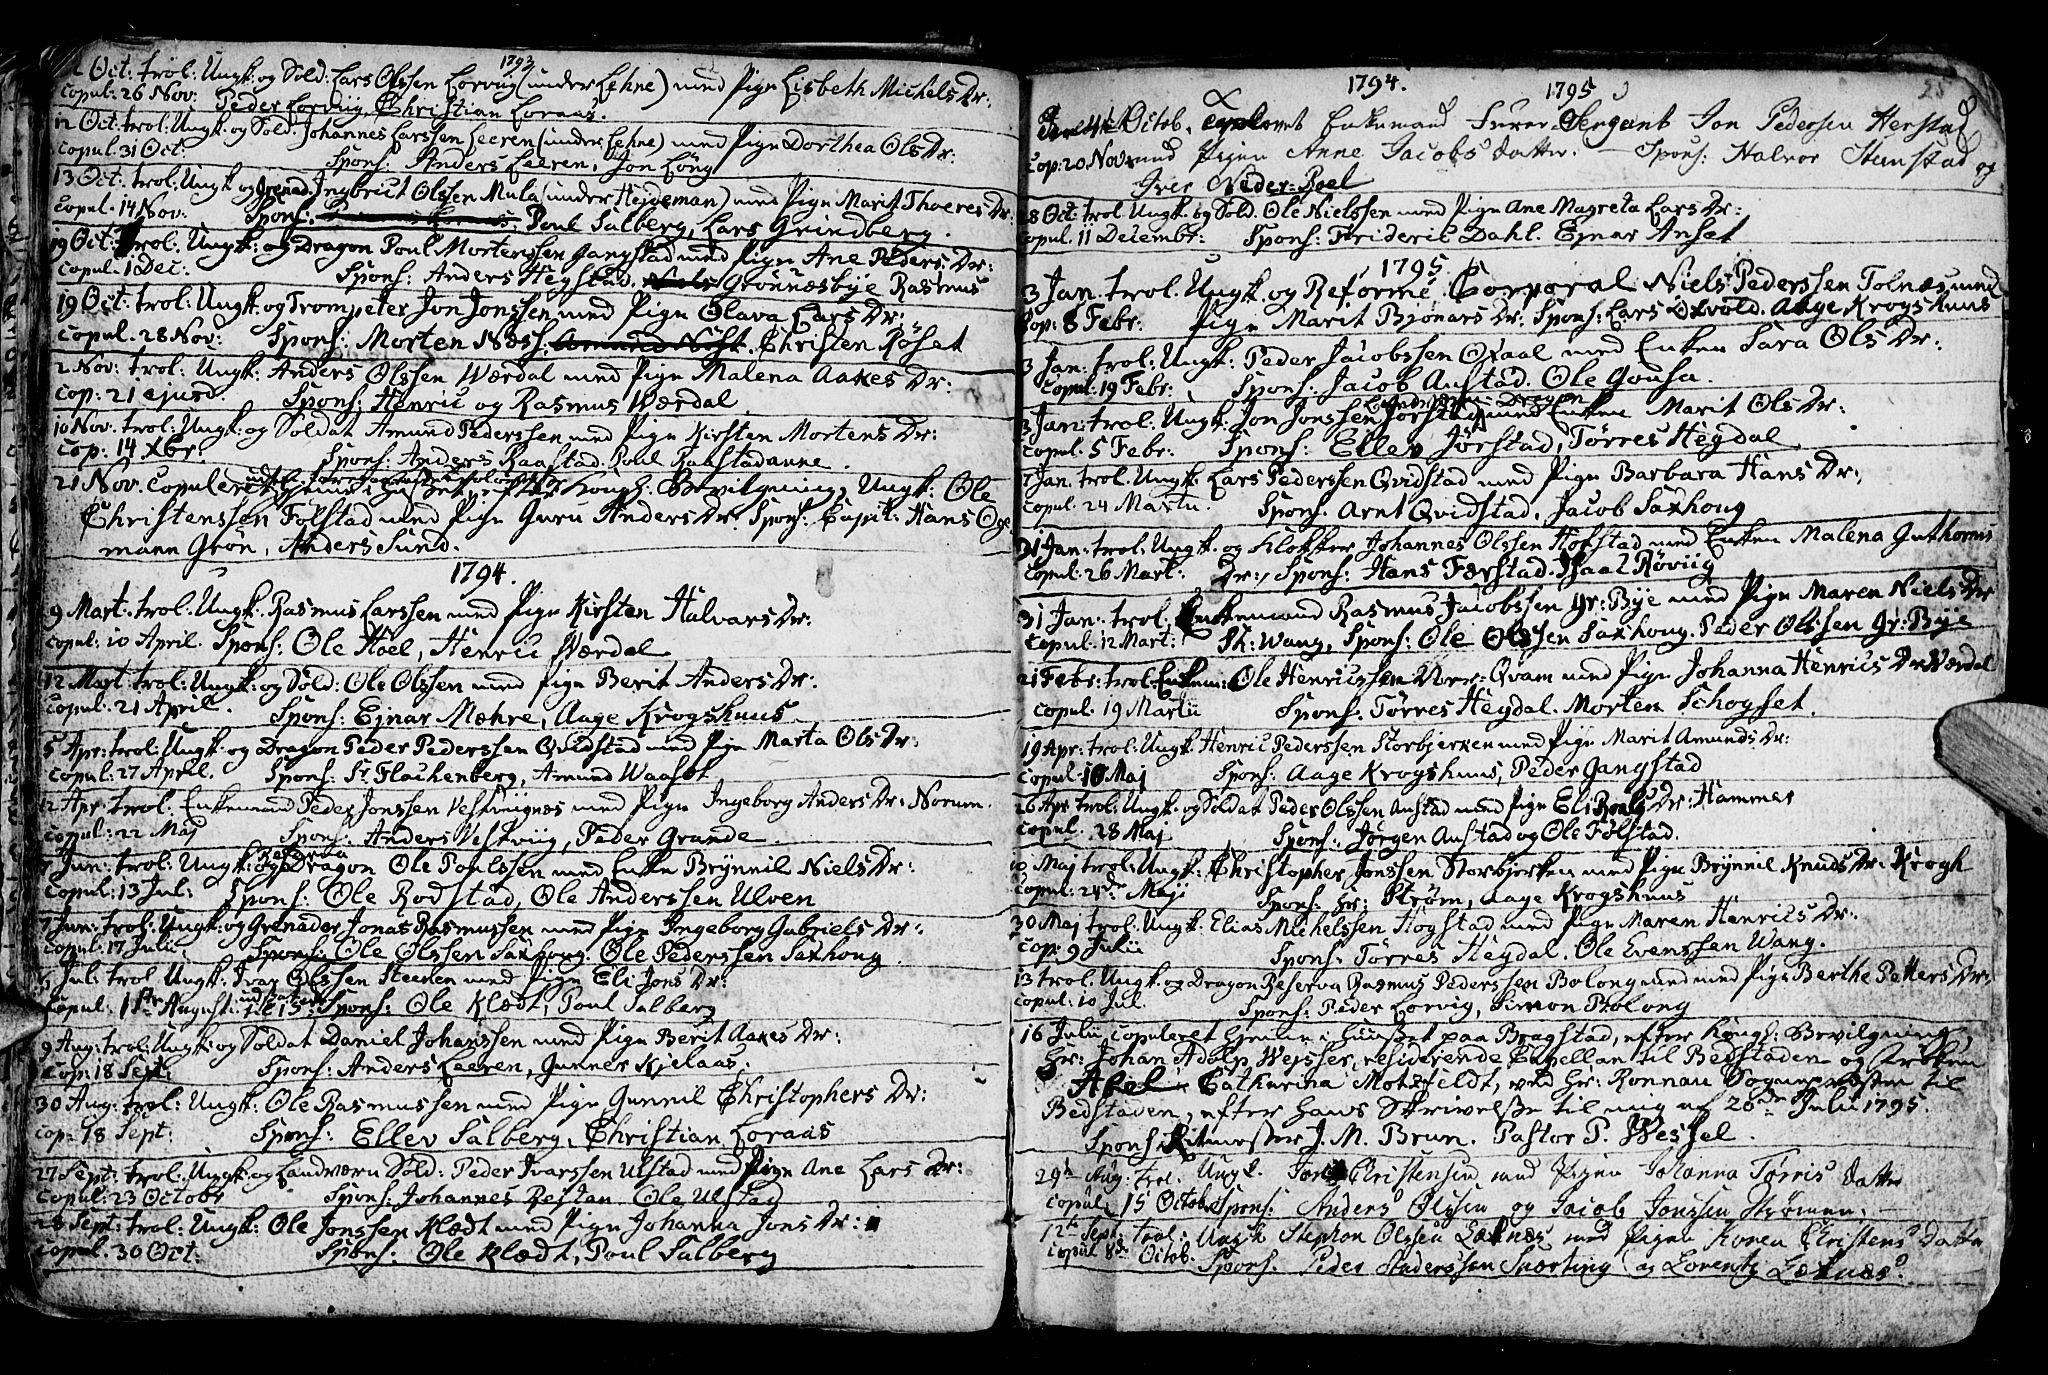 SAT, Ministerialprotokoller, klokkerbøker og fødselsregistre - Nord-Trøndelag, 730/L0273: Ministerialbok nr. 730A02, 1762-1802, s. 25